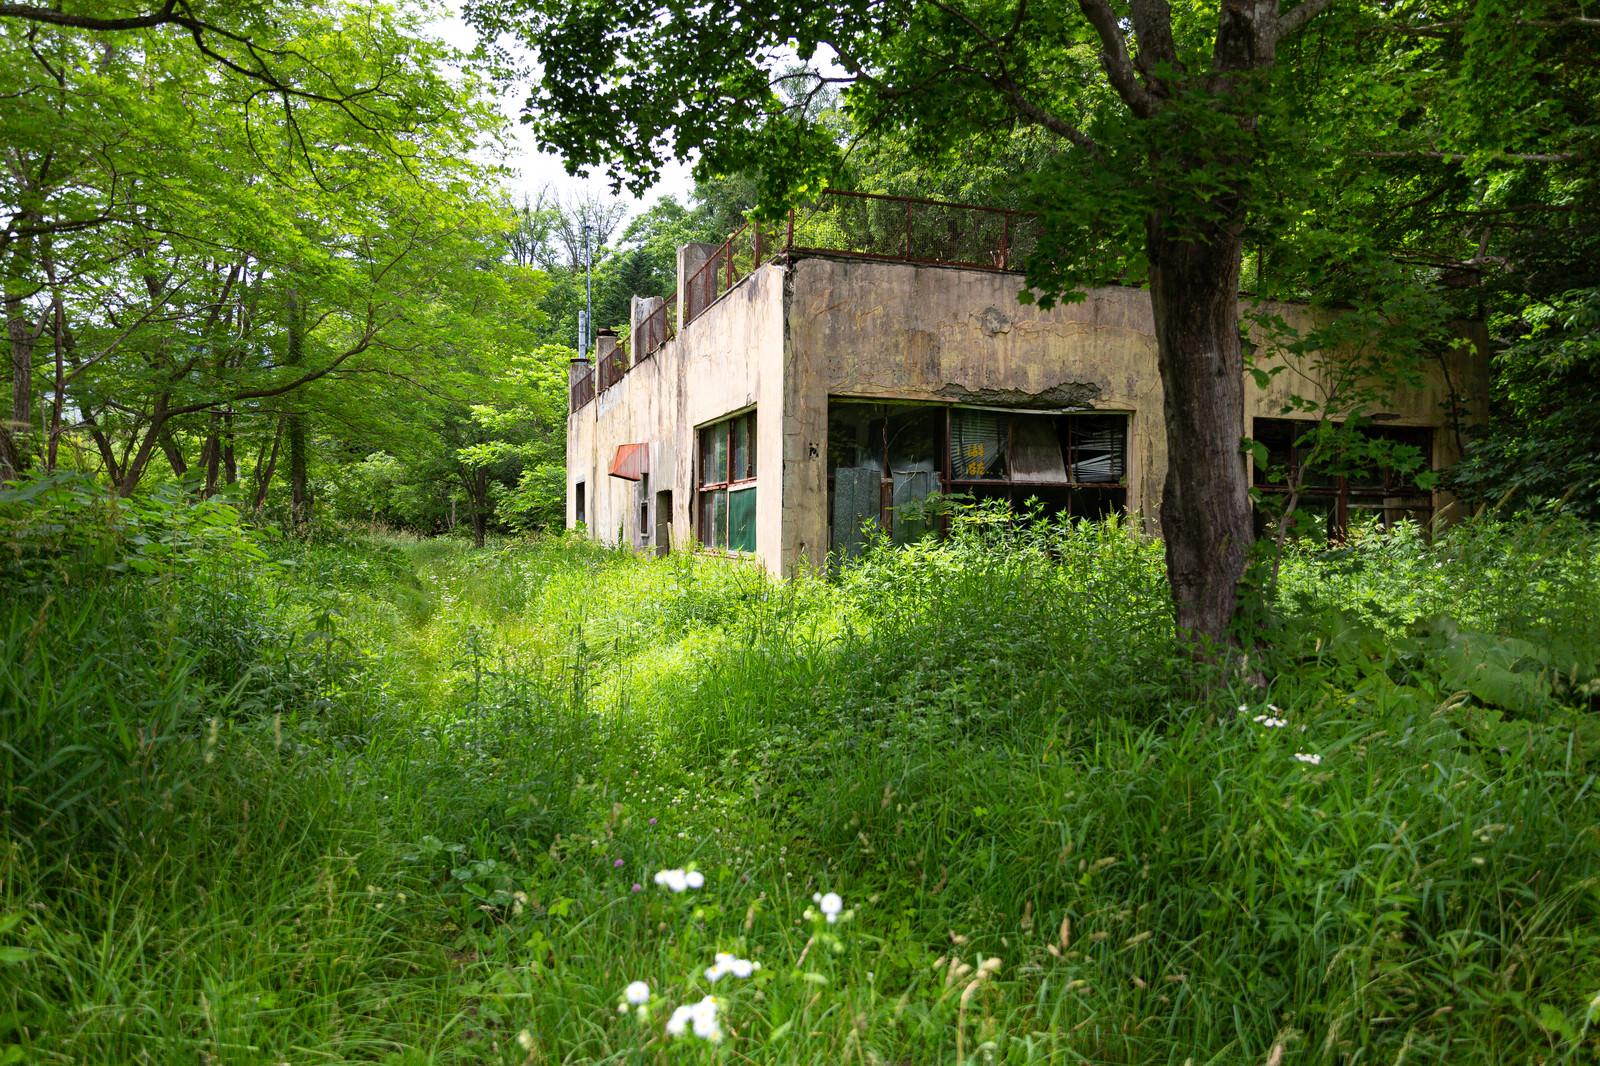 「草木が生い茂る閉鎖中の我路郵便局」の写真